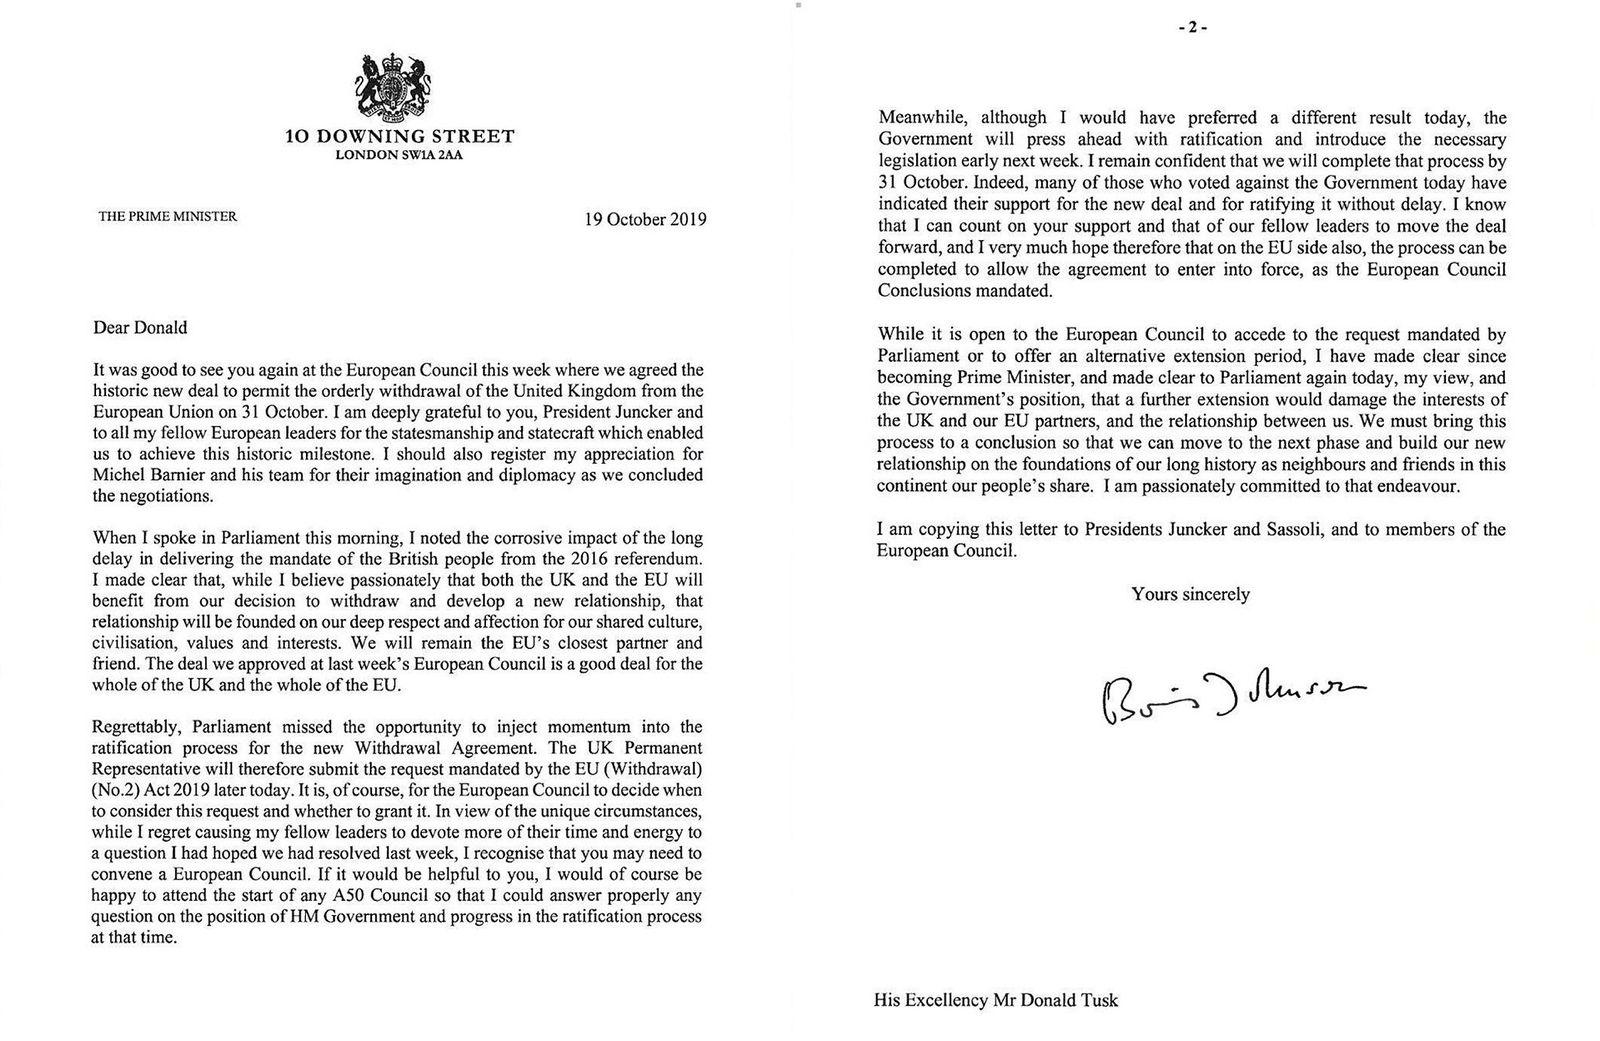 Dette tilleggsbrevet sendte Boris Johnson til Donald Tusk. Der argumenterte han mot en ny brexit-utsettelse.